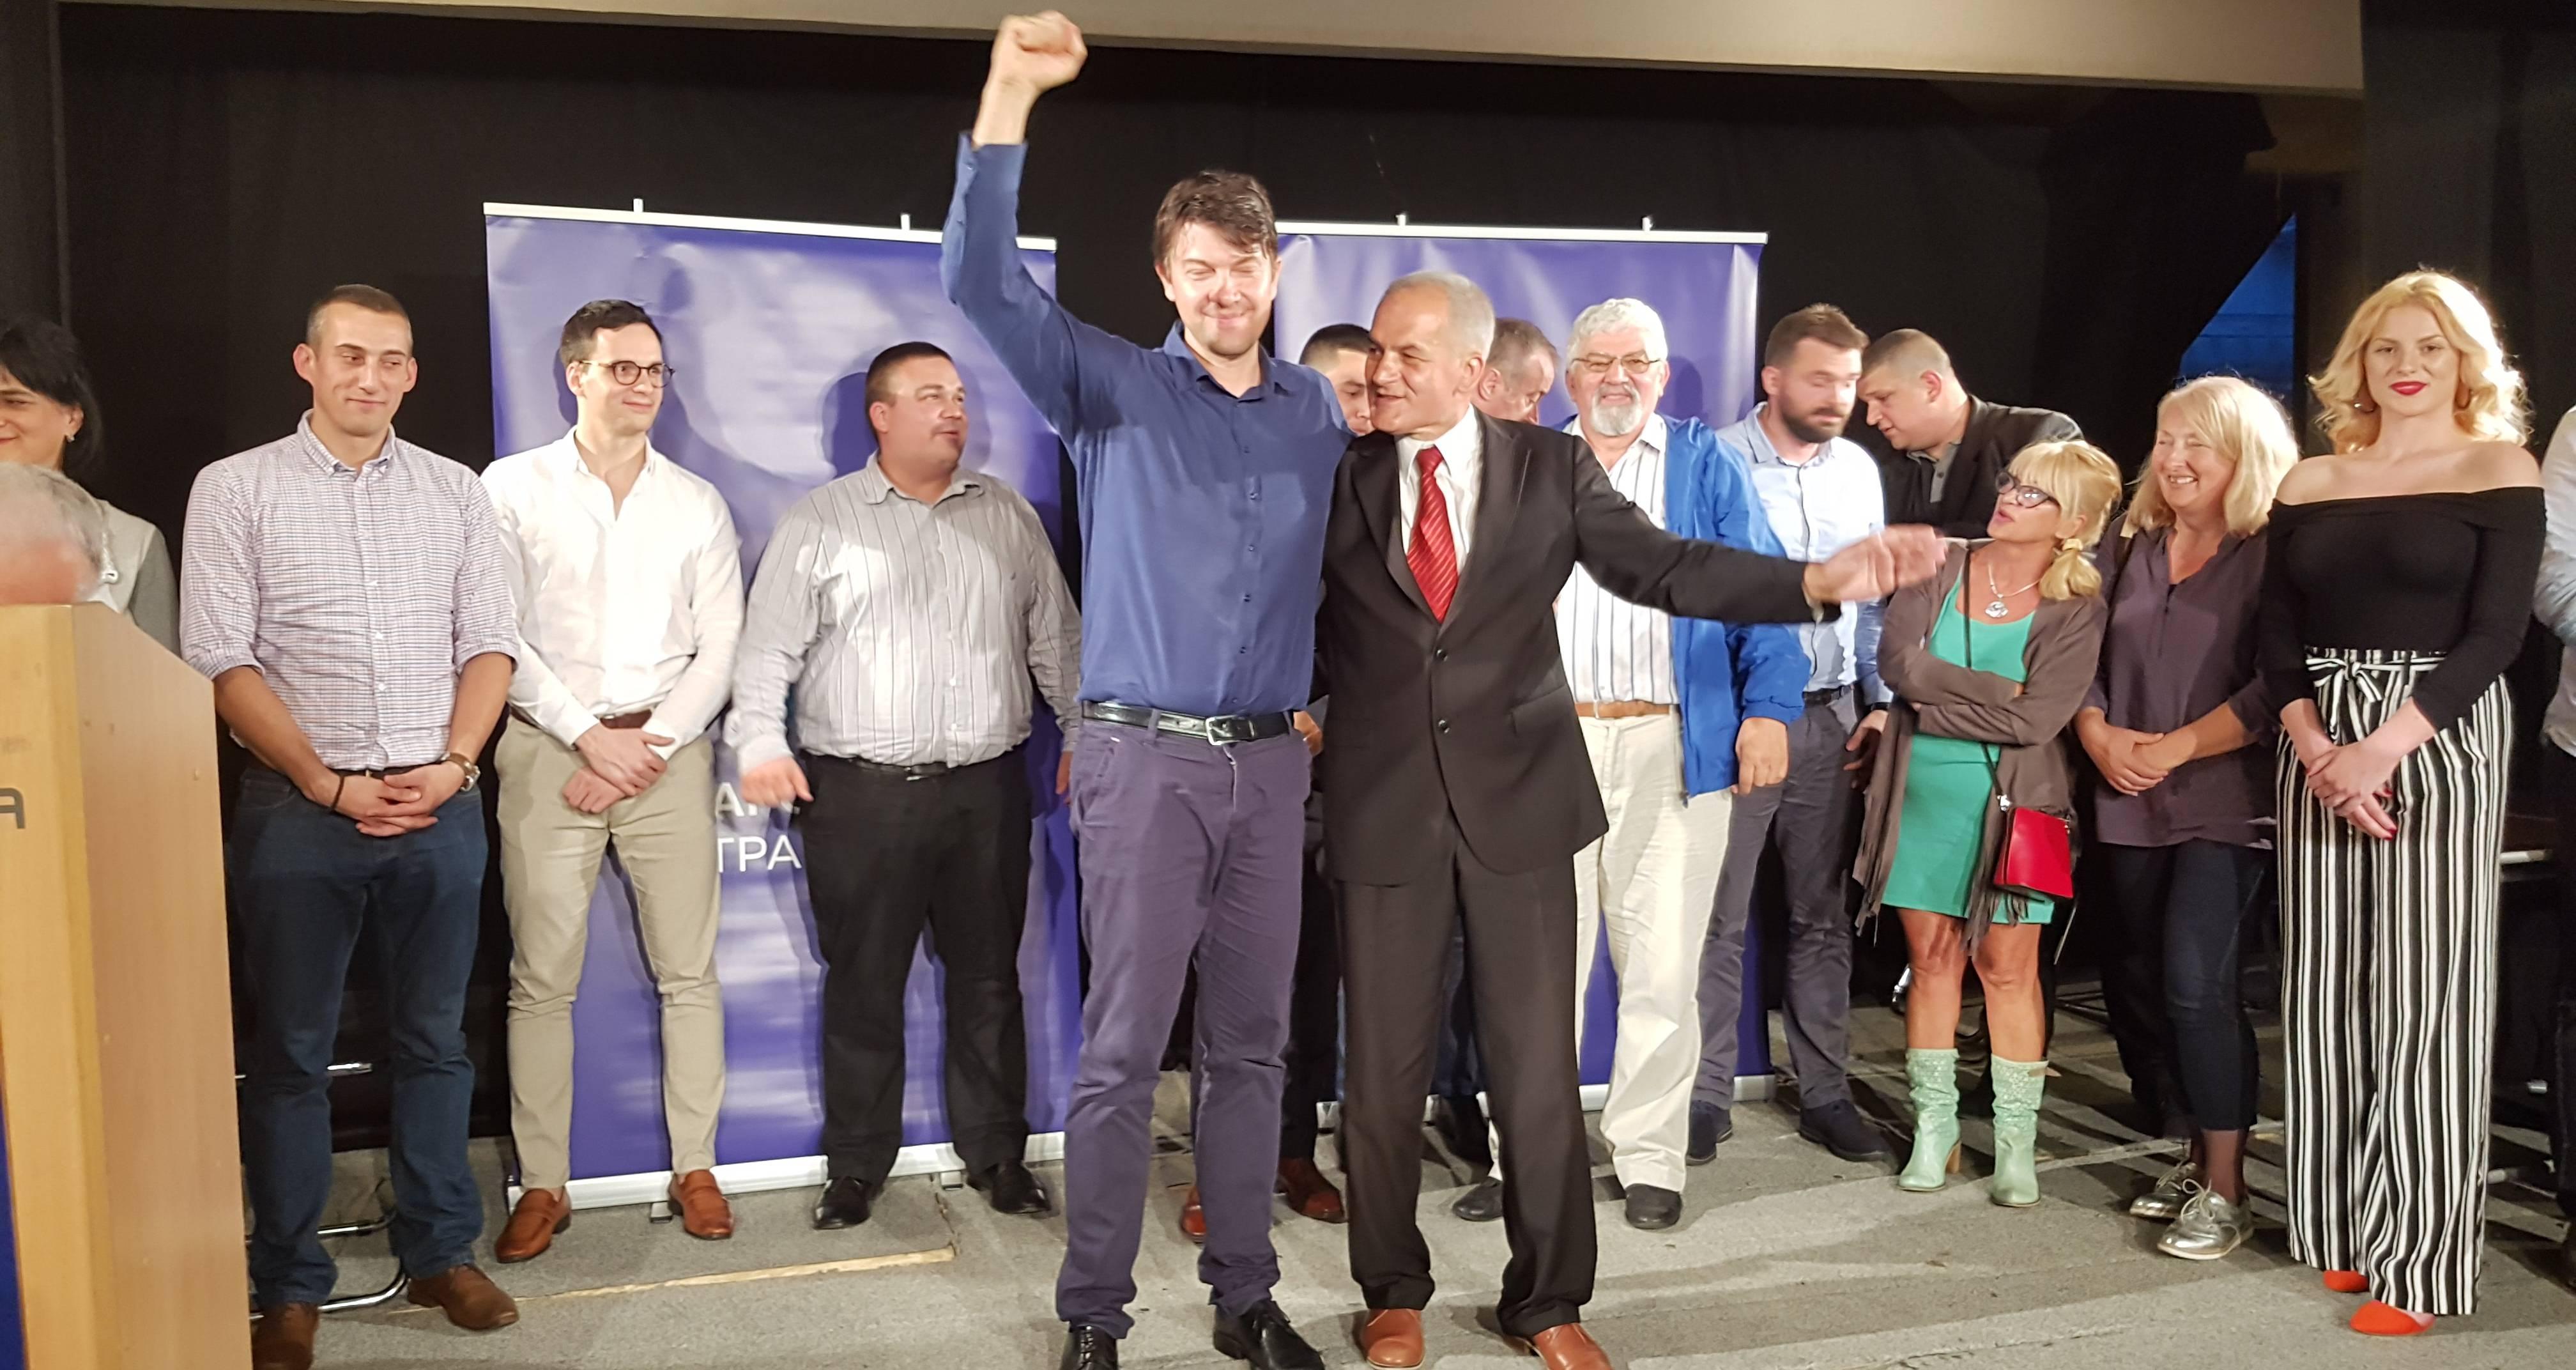 Београд: Основан Општински одбор Народне странке Звездара